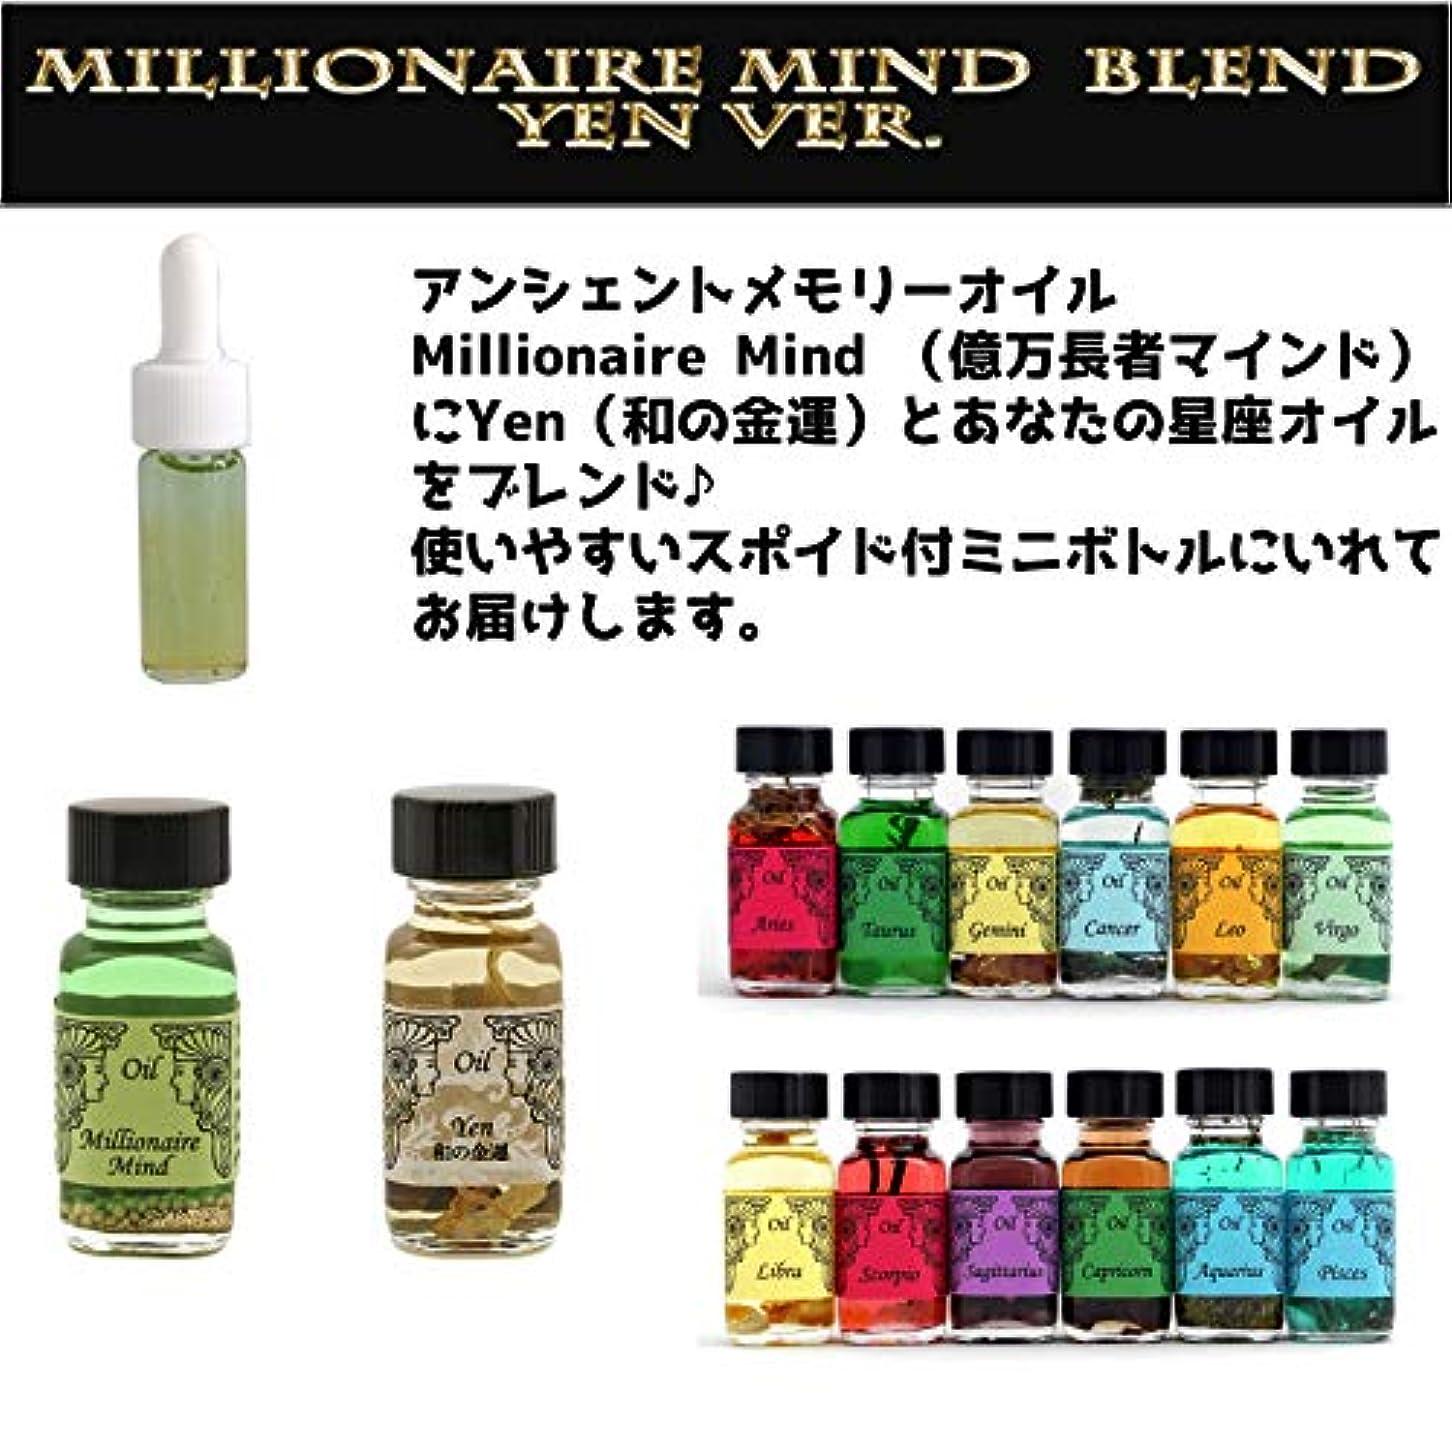 深める熟読する強制アンシェントメモリーオイル Millionaire Mind 億万長者マインド ブレンド【Yen 和の金運&おひつじ座】